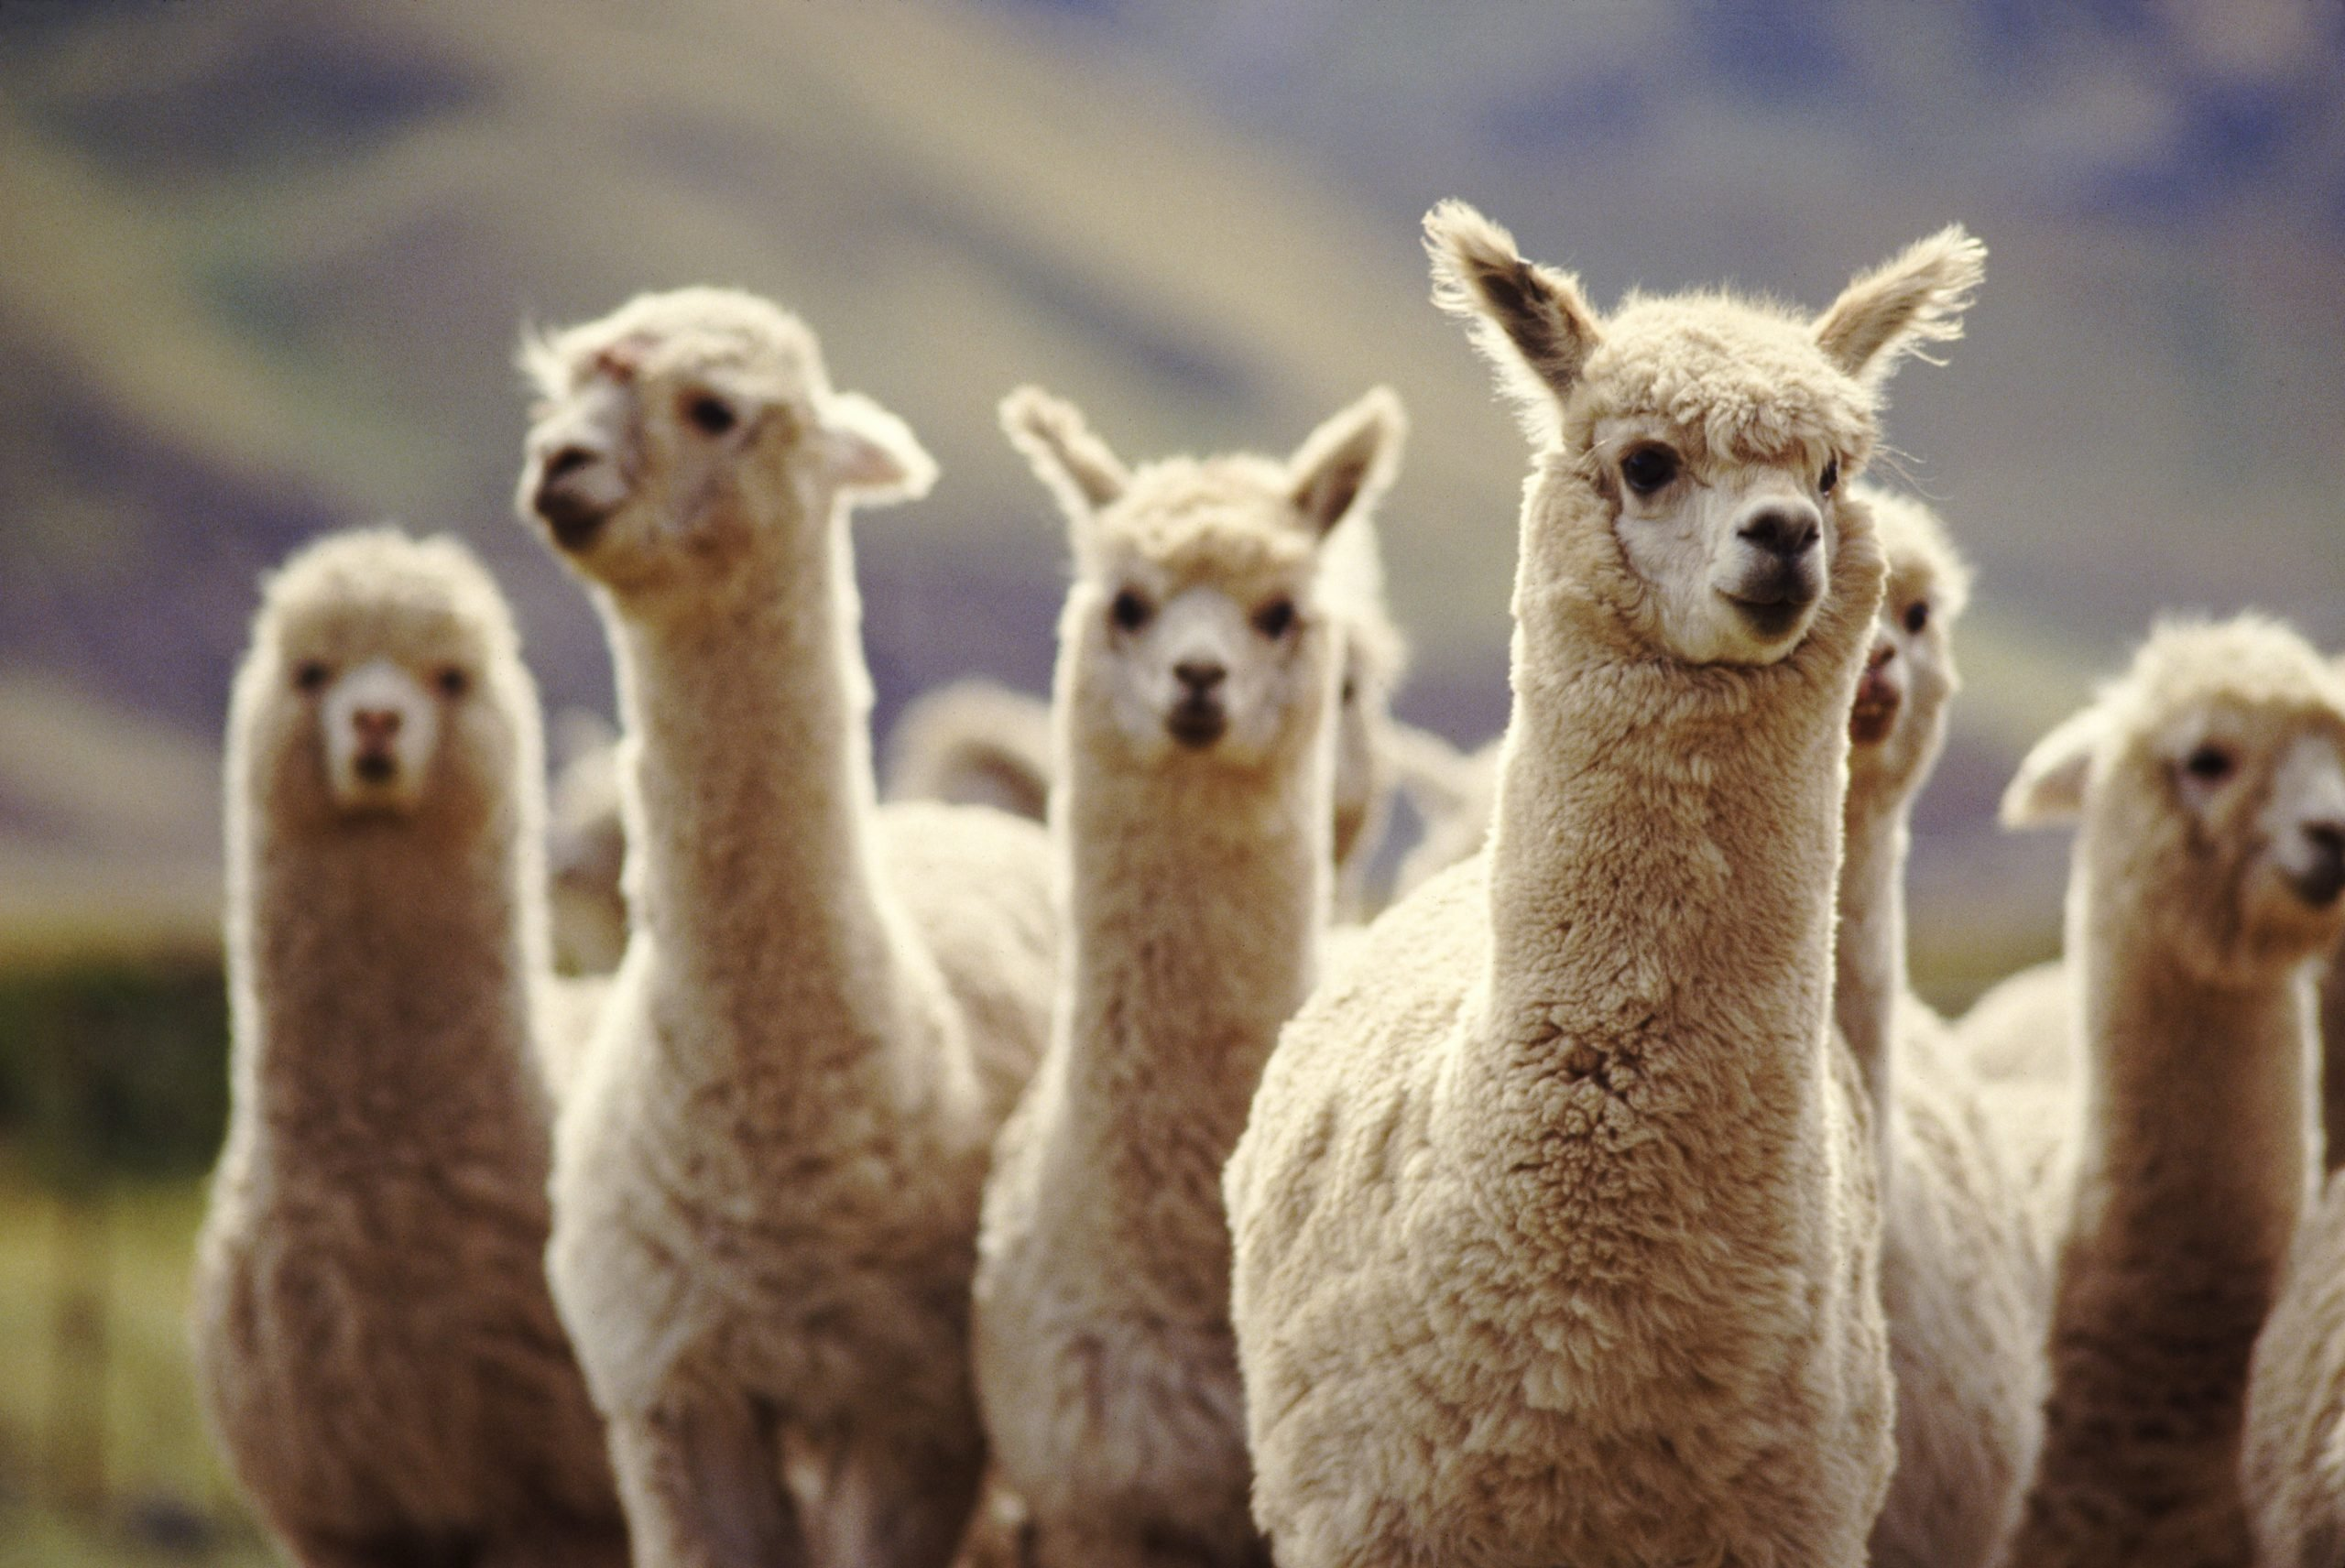 A herd of Alpaca